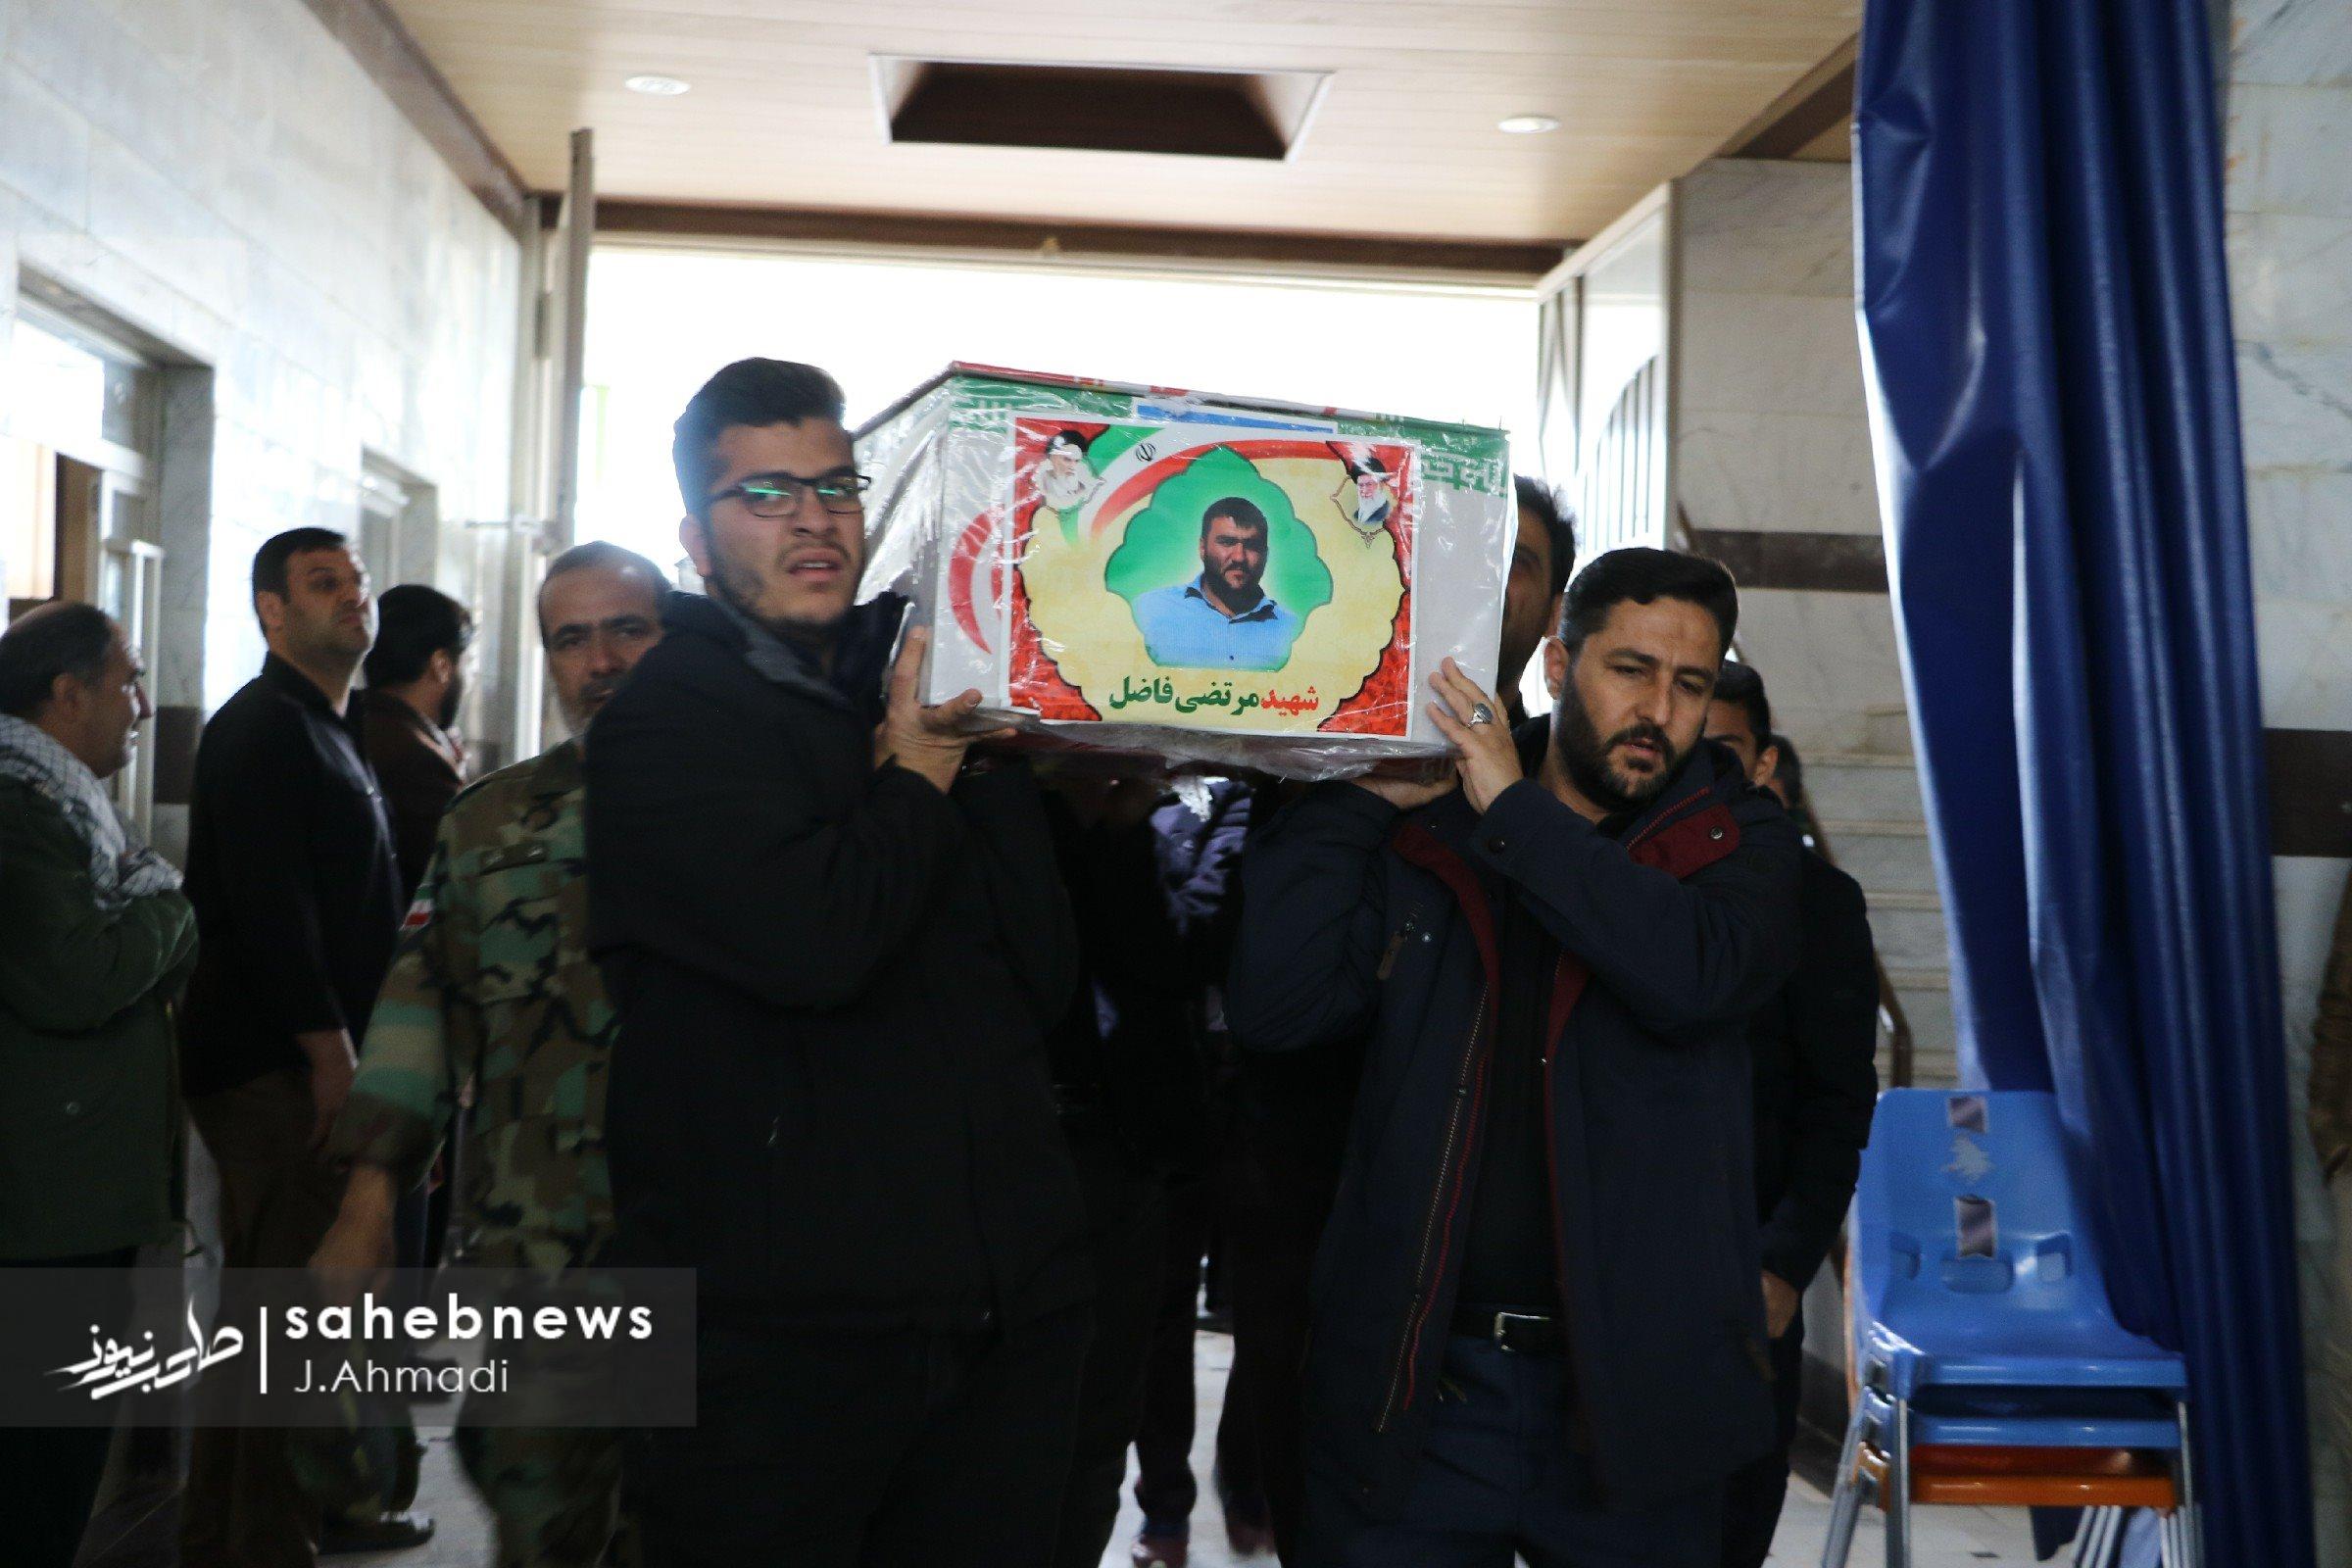 27 شهید حادثه تروریستی اصفهان (32)